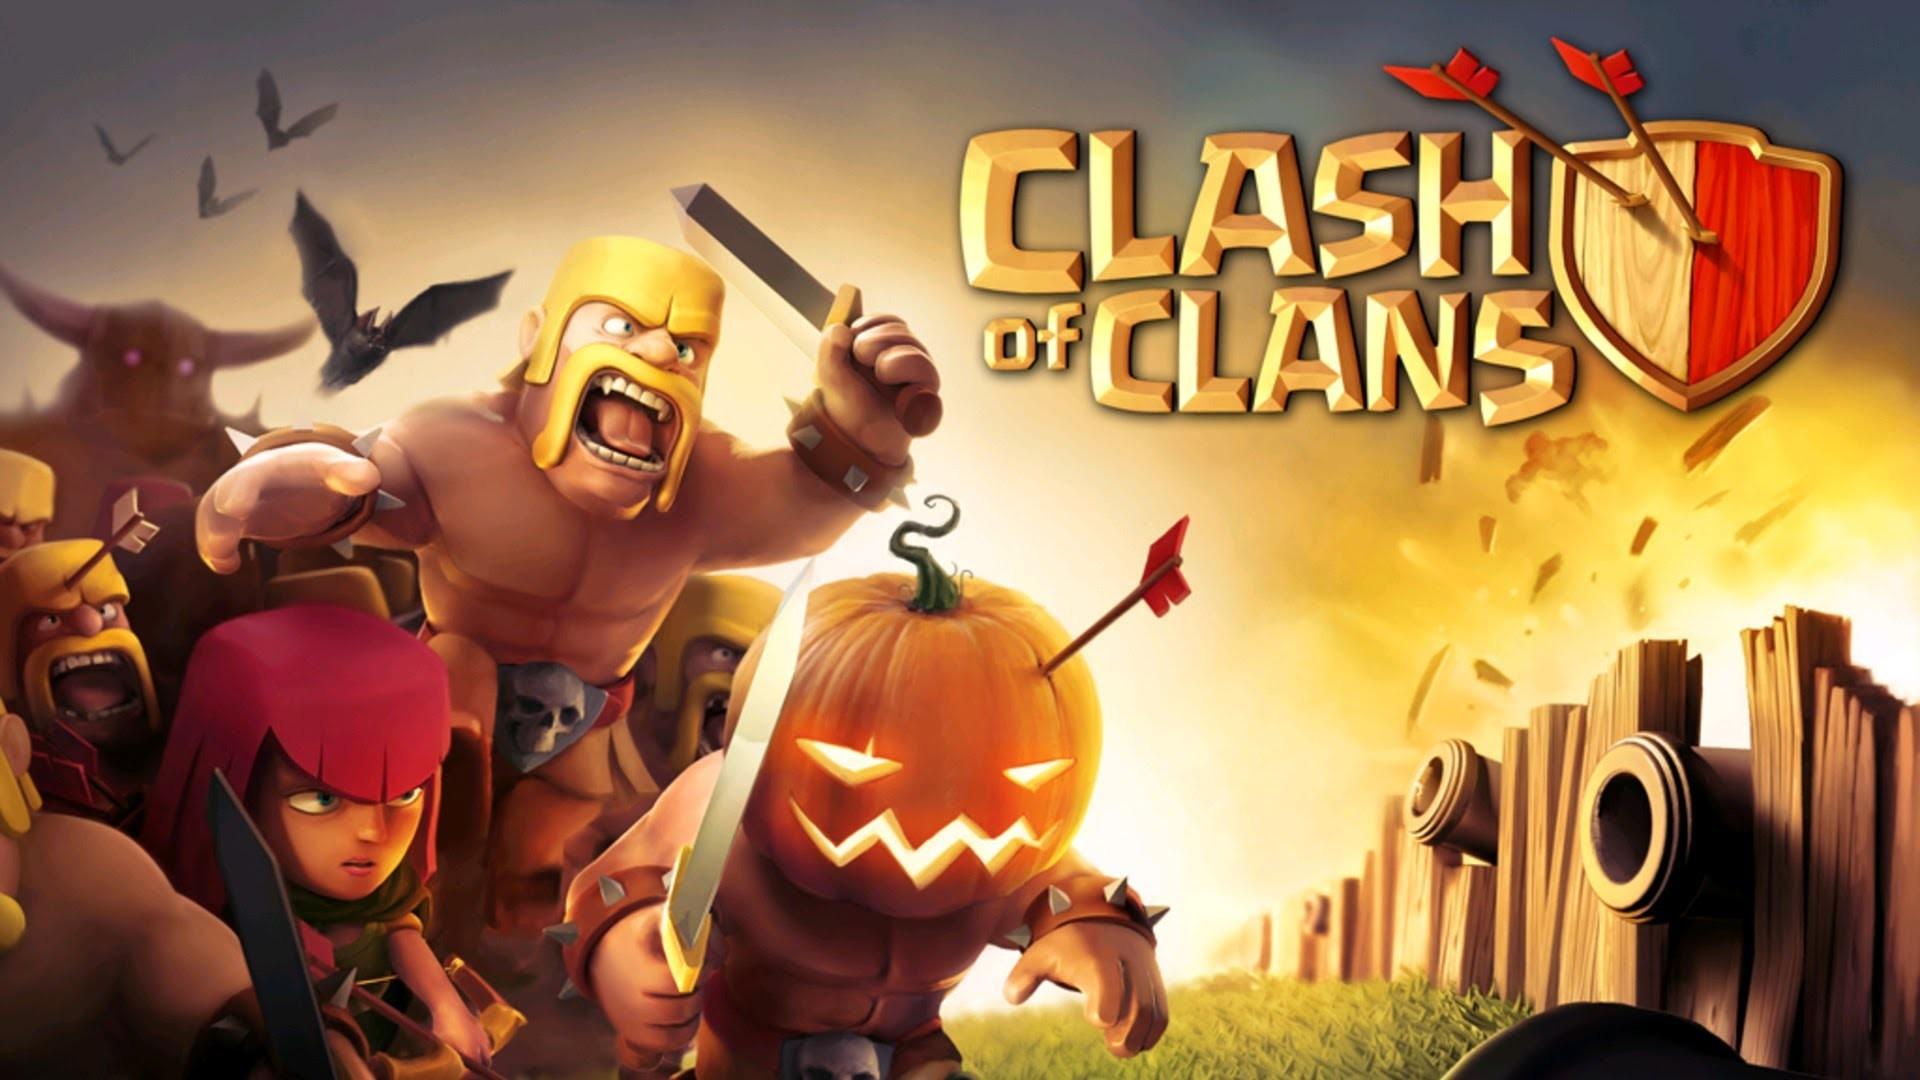 Clash of Clans Halloween Update wallpaper